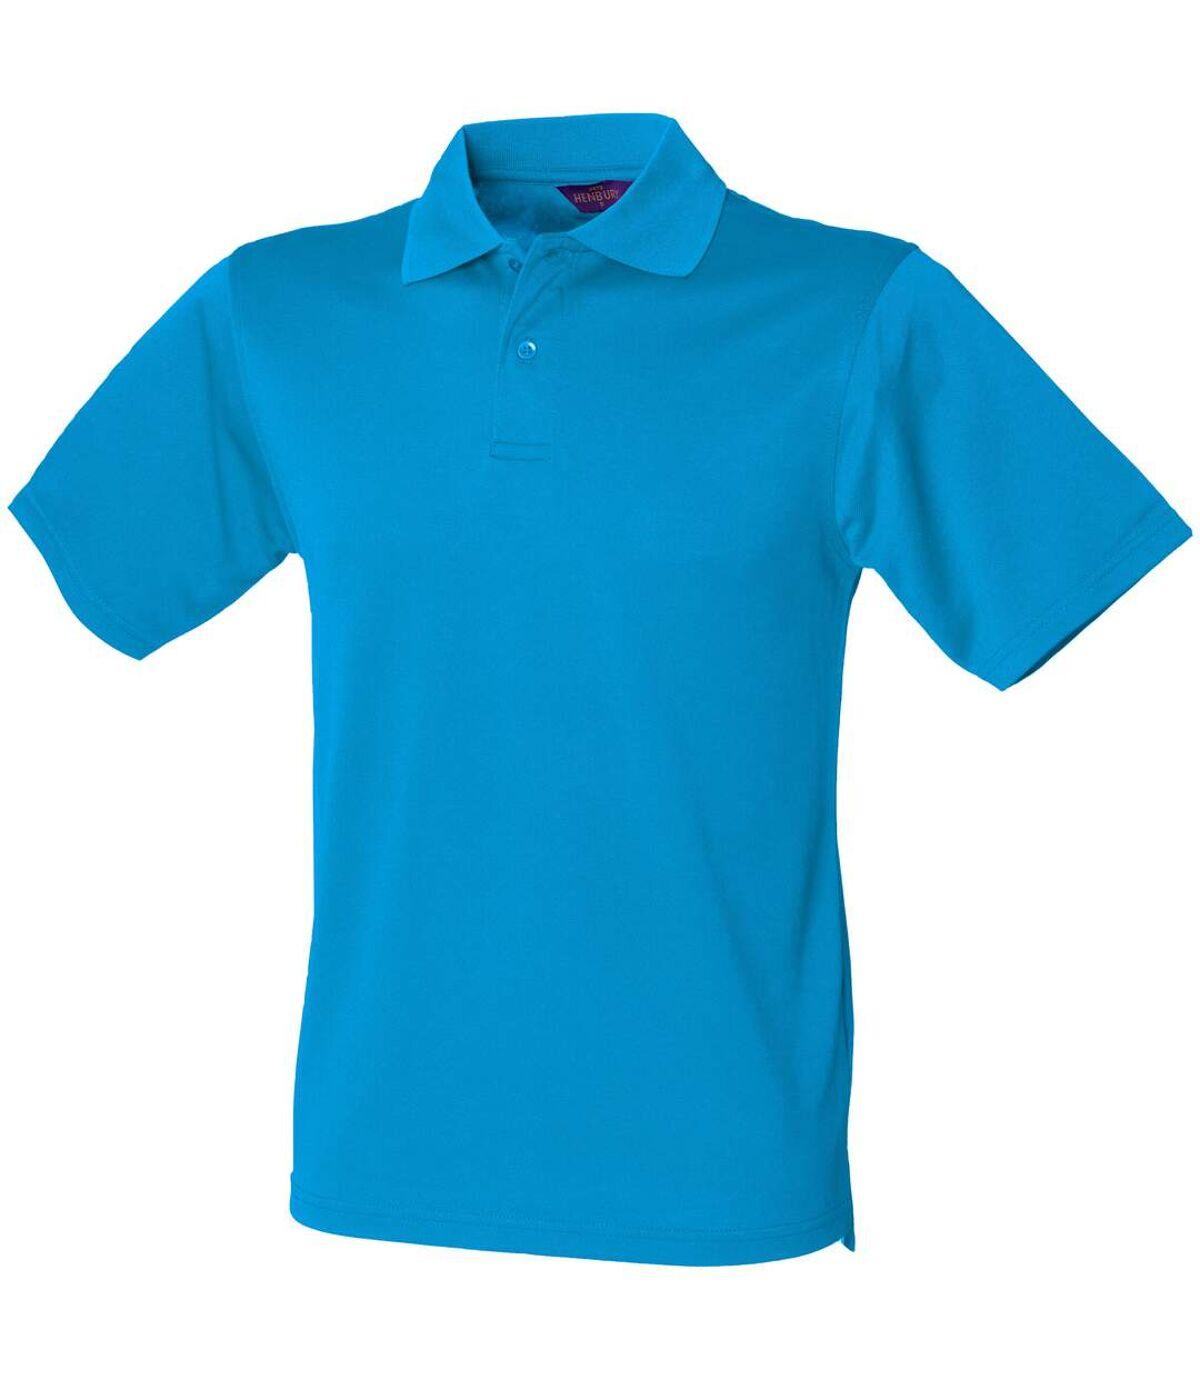 Henbury Mens Coolplus® Pique Polo Shirt (Sapphire Blue) - UTRW635